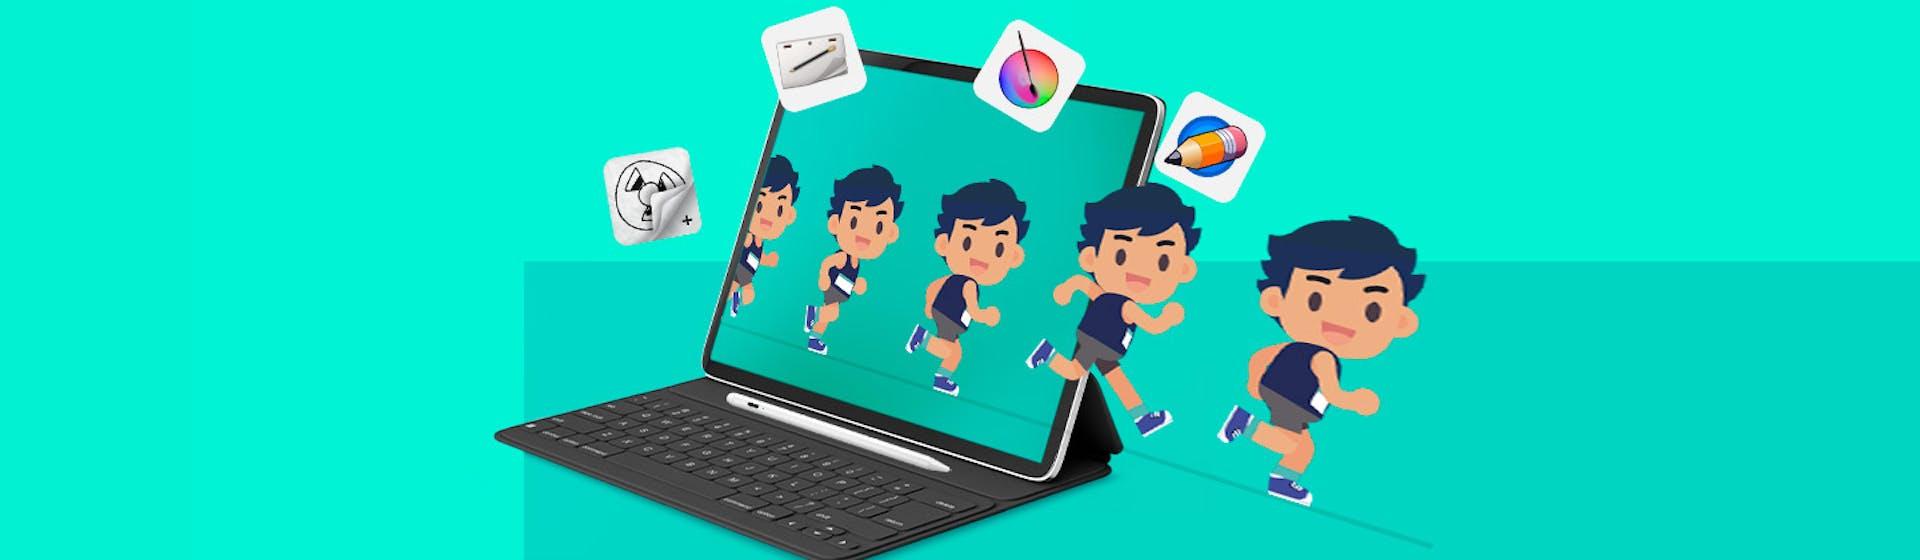 +15 aplicaciones para hacer animaciones ¡Dale movimiento a tus ideas!